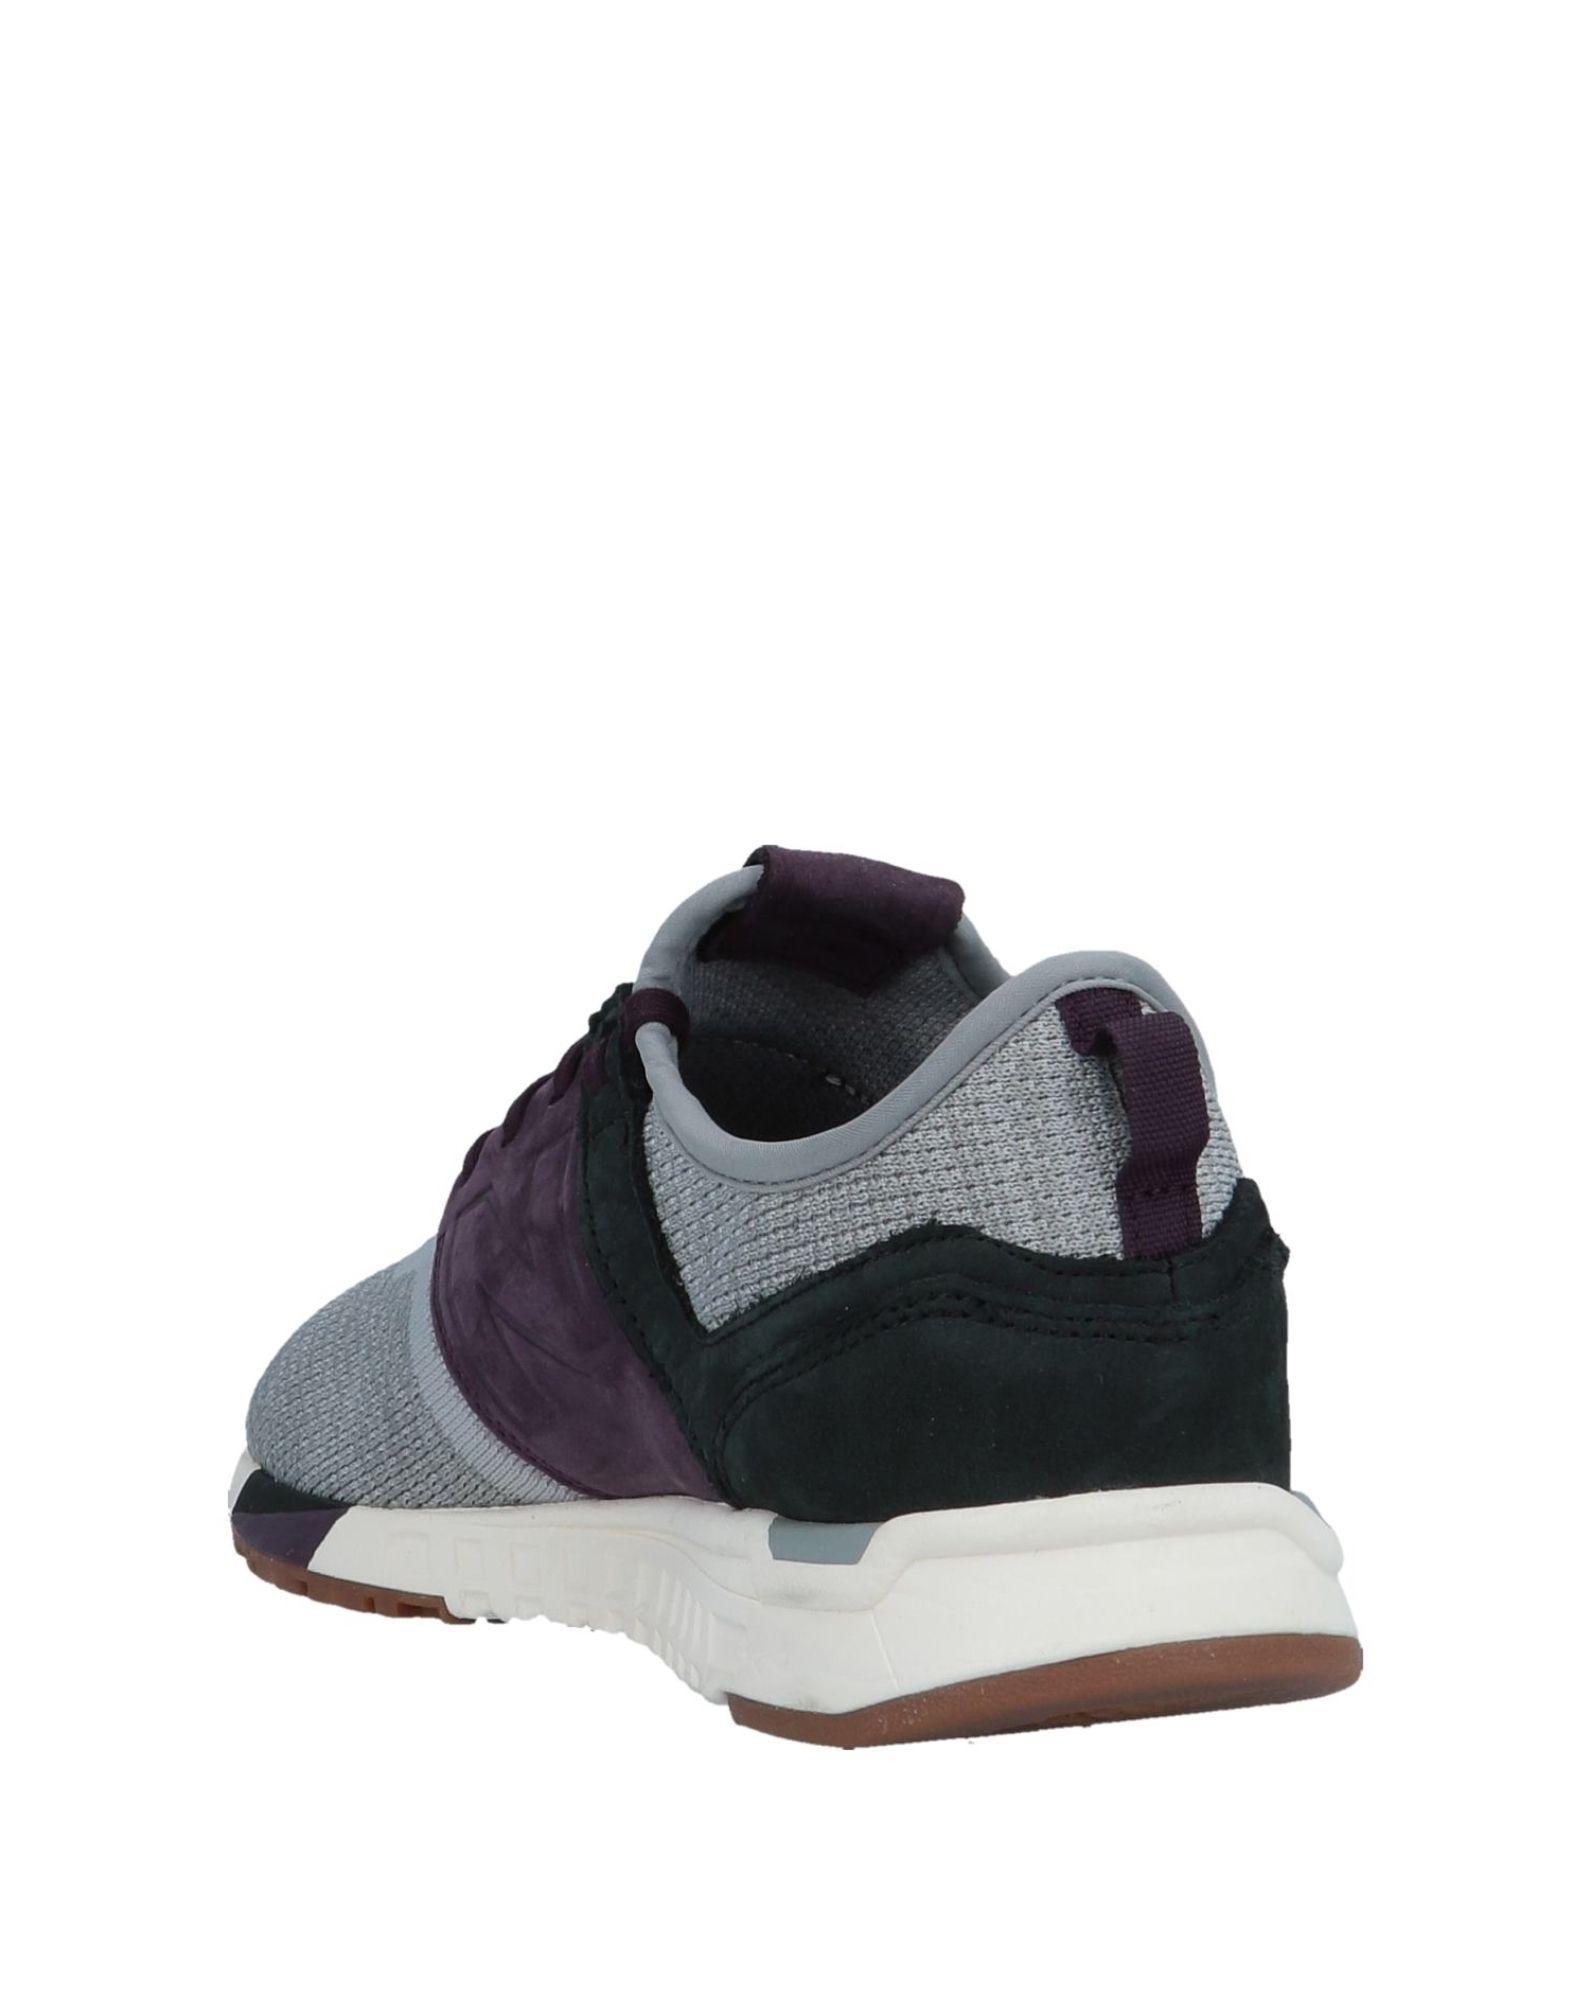 Rabatt Sneakers echte Schuhe New Balance Sneakers Rabatt Herren  11558335XE 43eba8